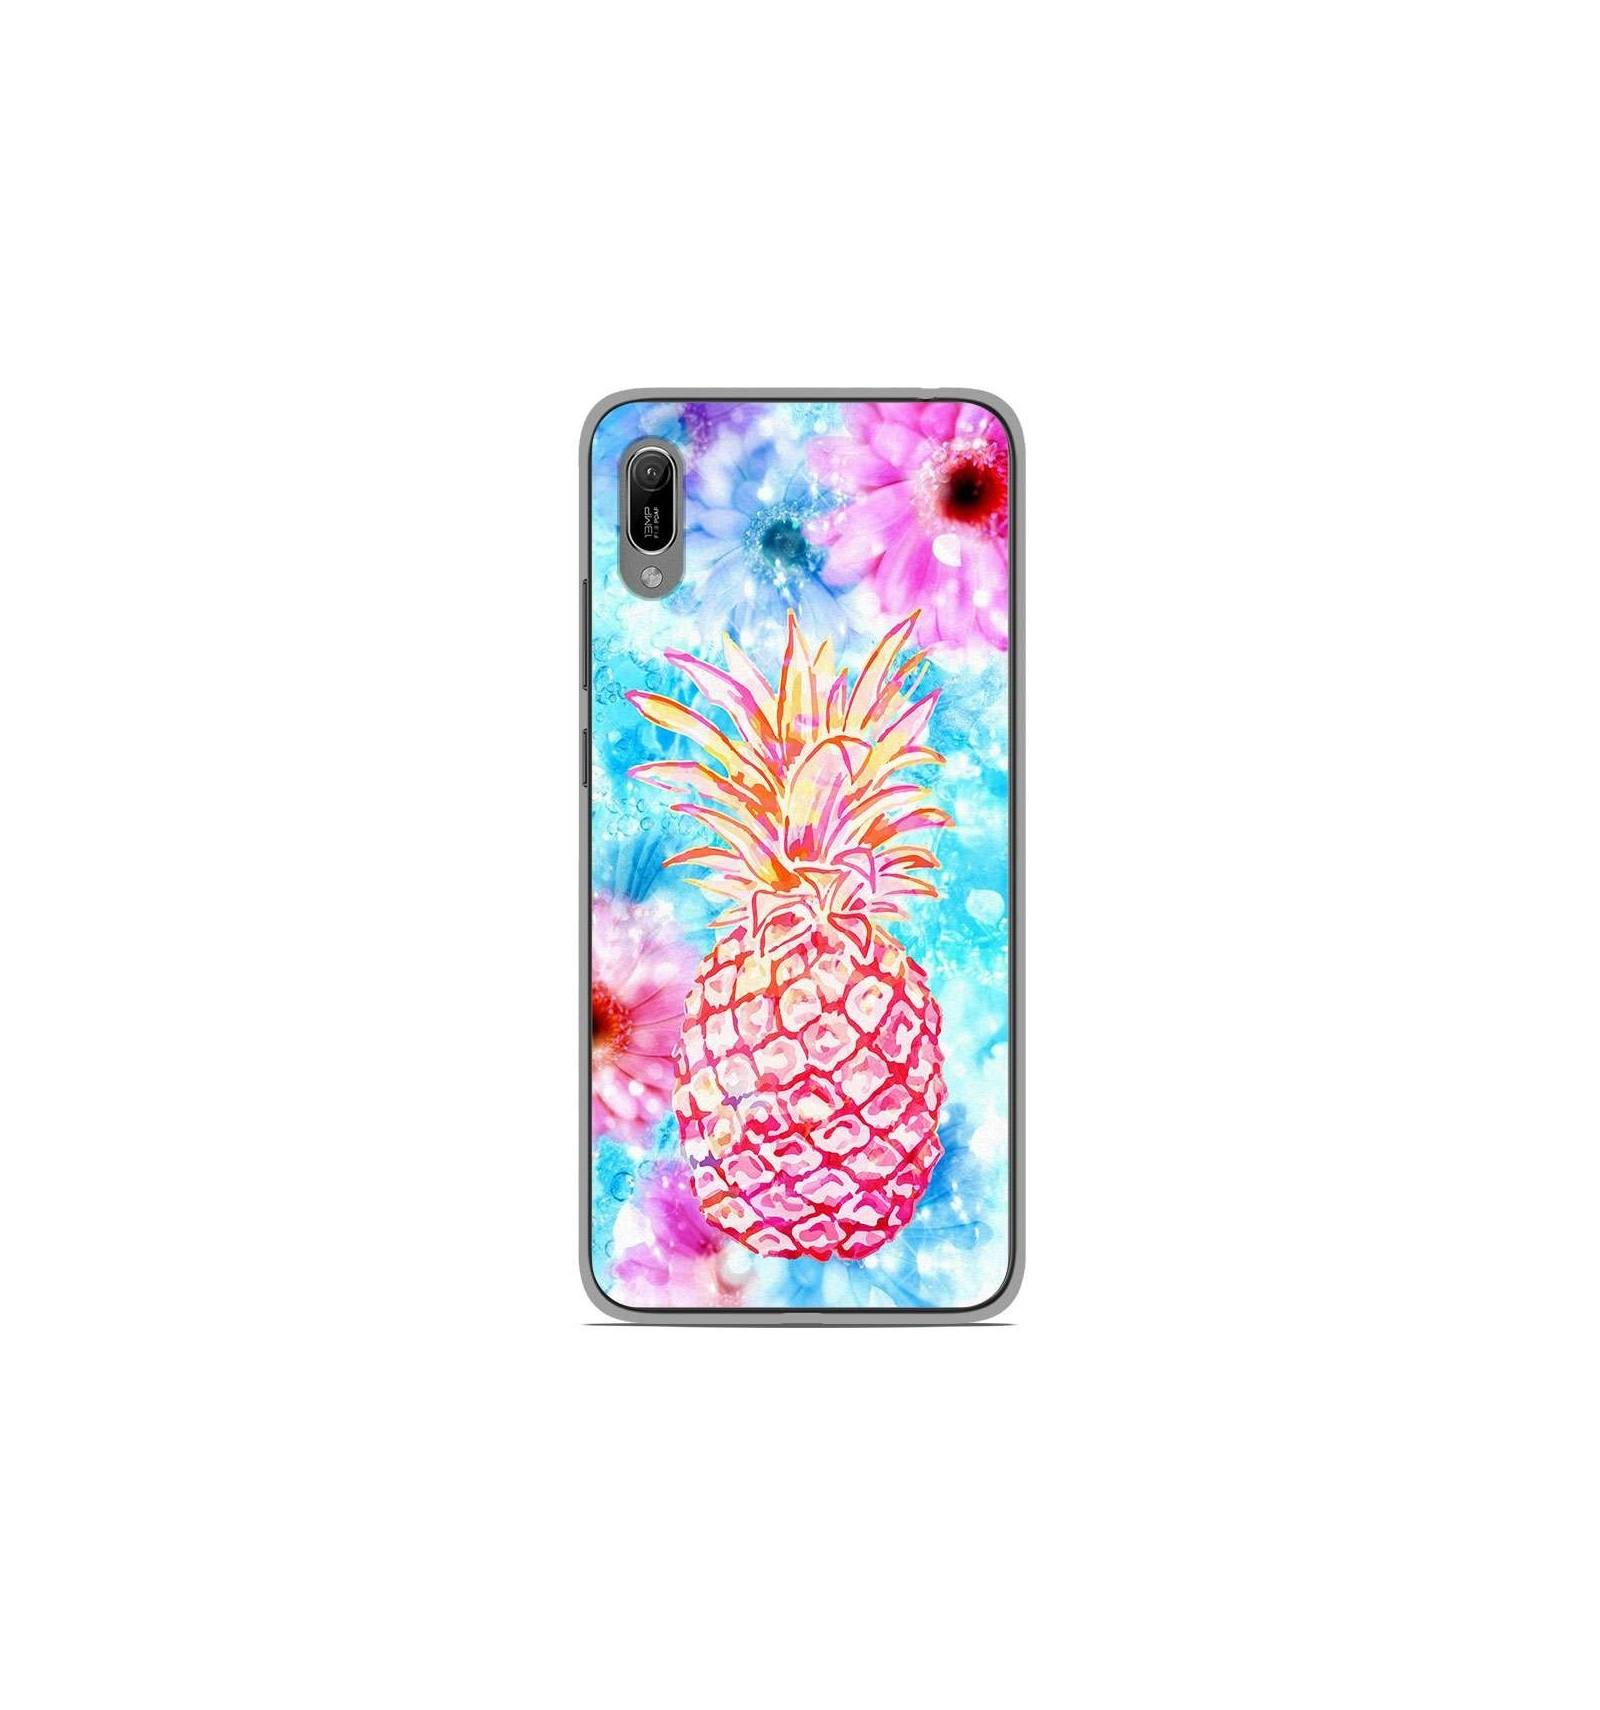 Coque en silicone Huawei Y6 2019 - Ananas